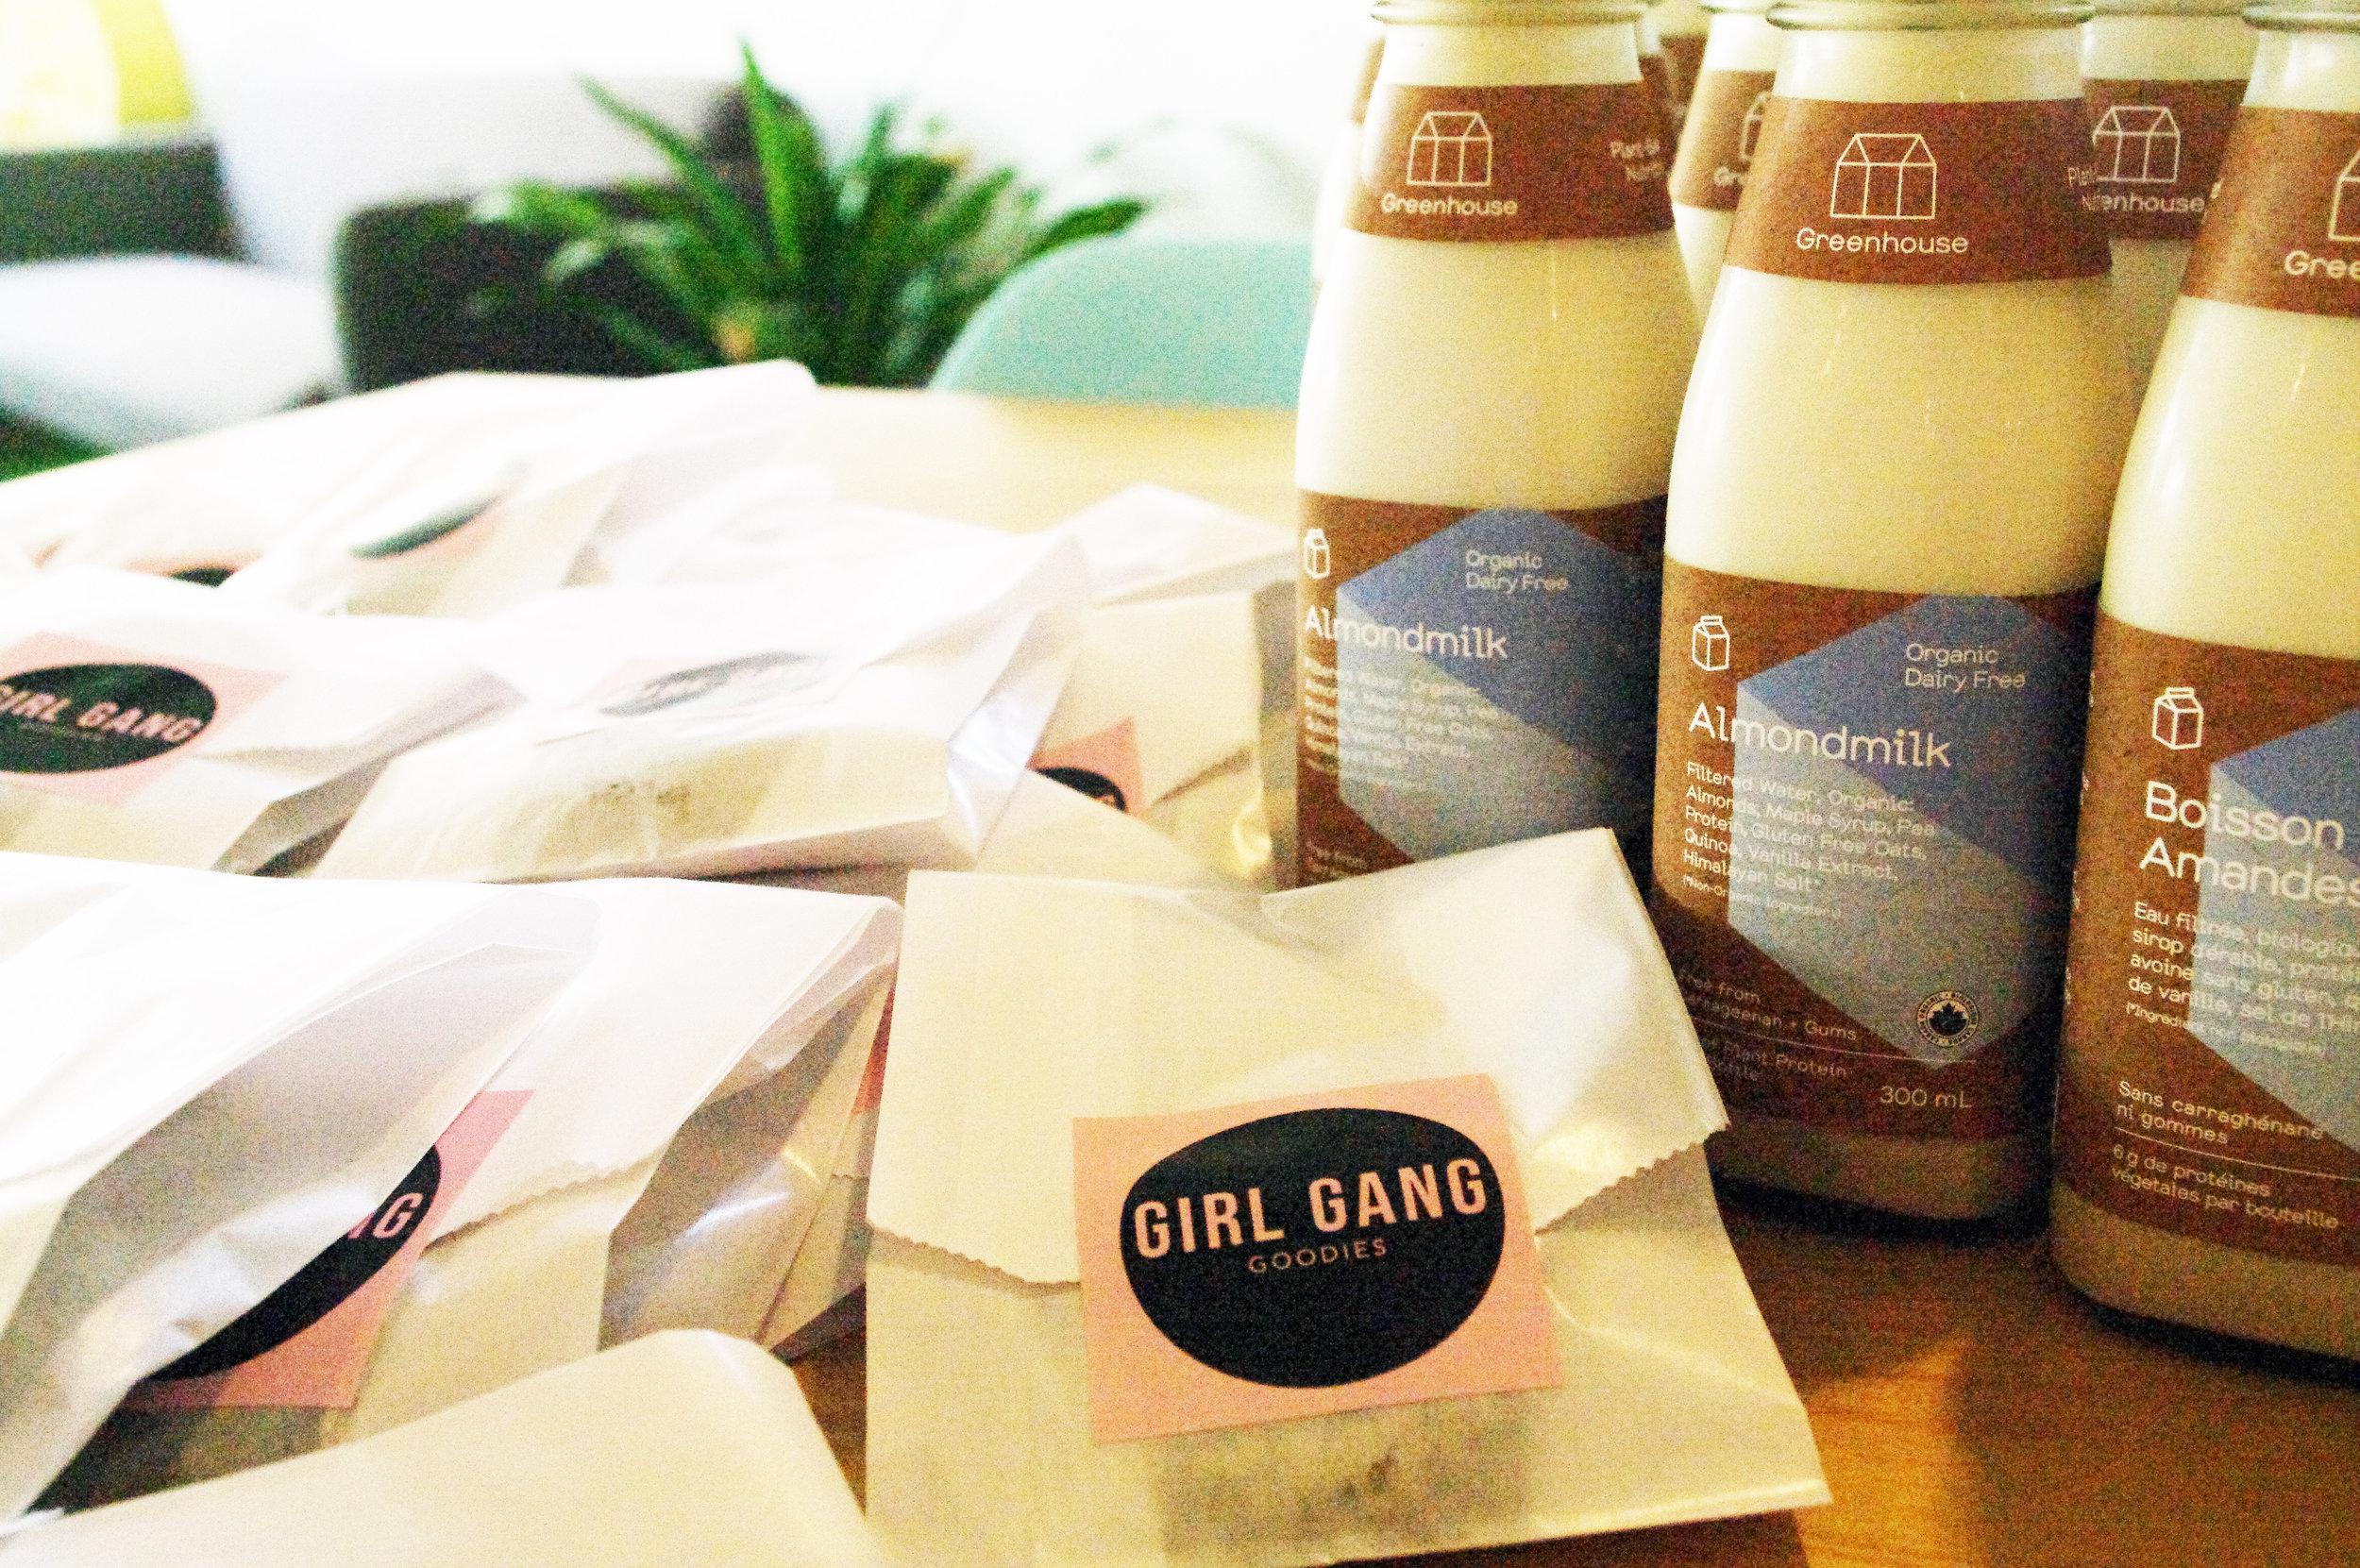 girl gang goodies.jpg